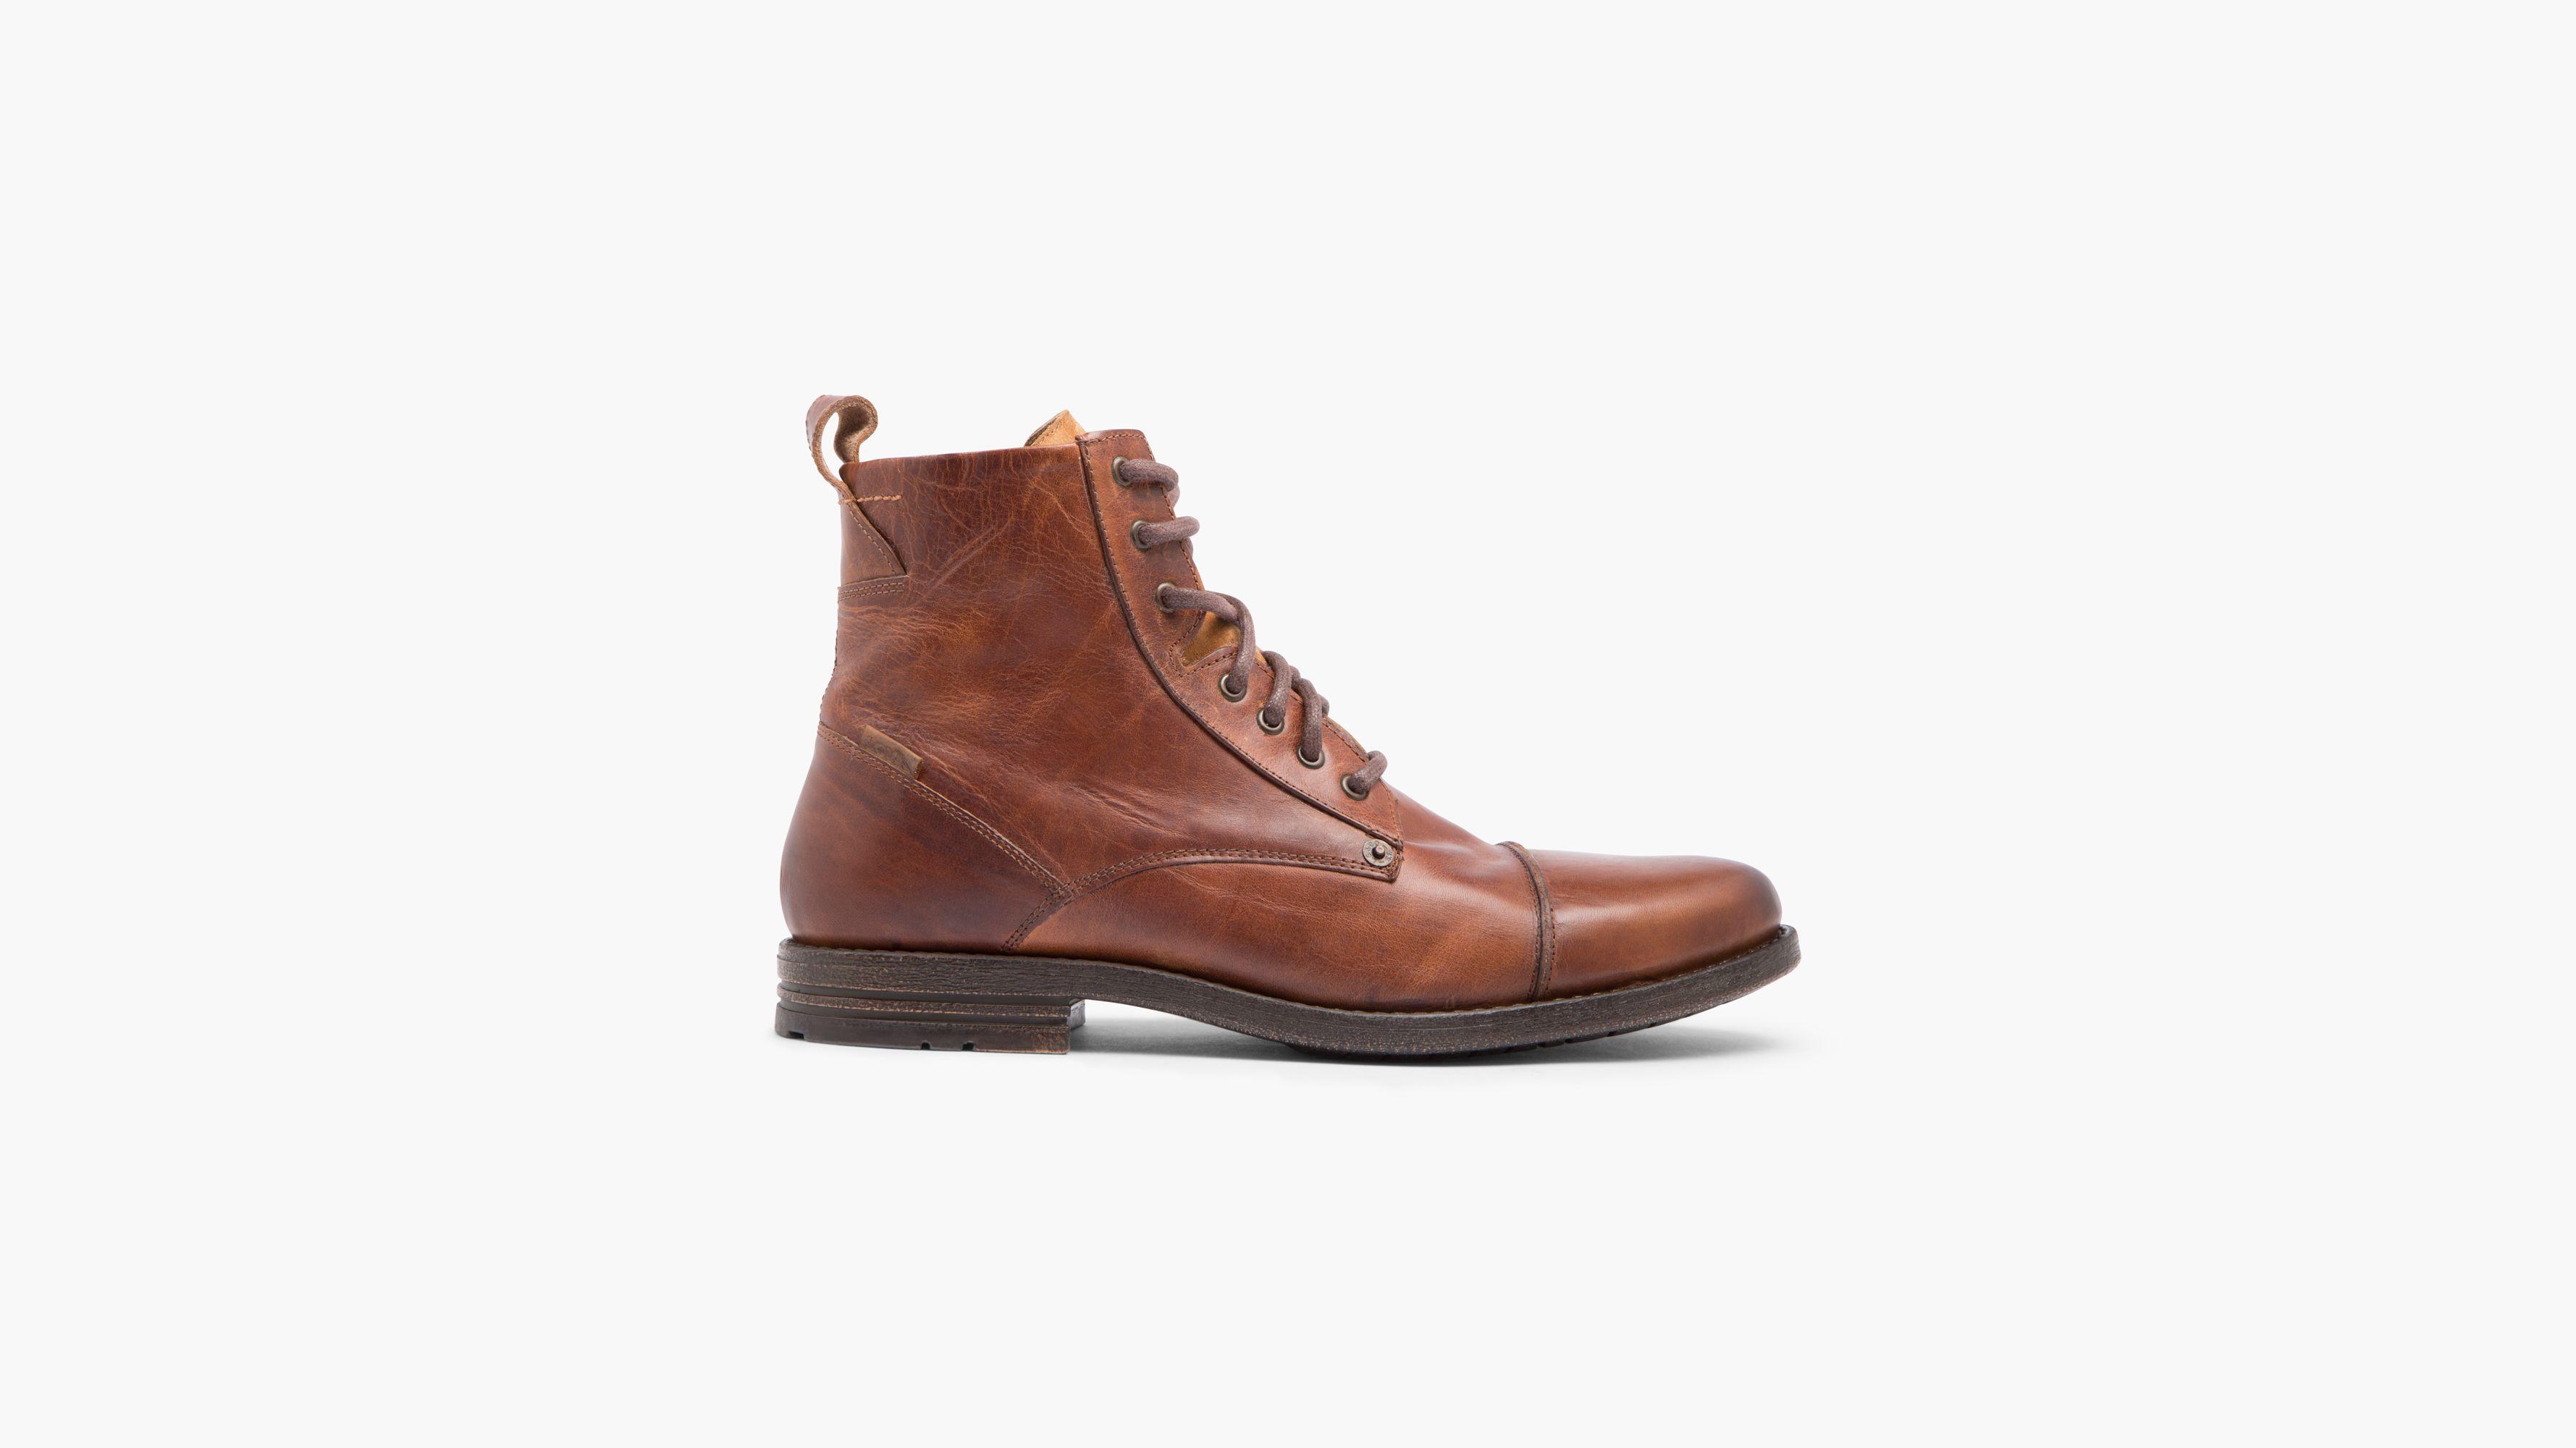 buy online 176b8 646ba Pas Cher Authentique Chaussures à lacets Levi s noires Casual homme  Footaction Vente En Ligne Prix